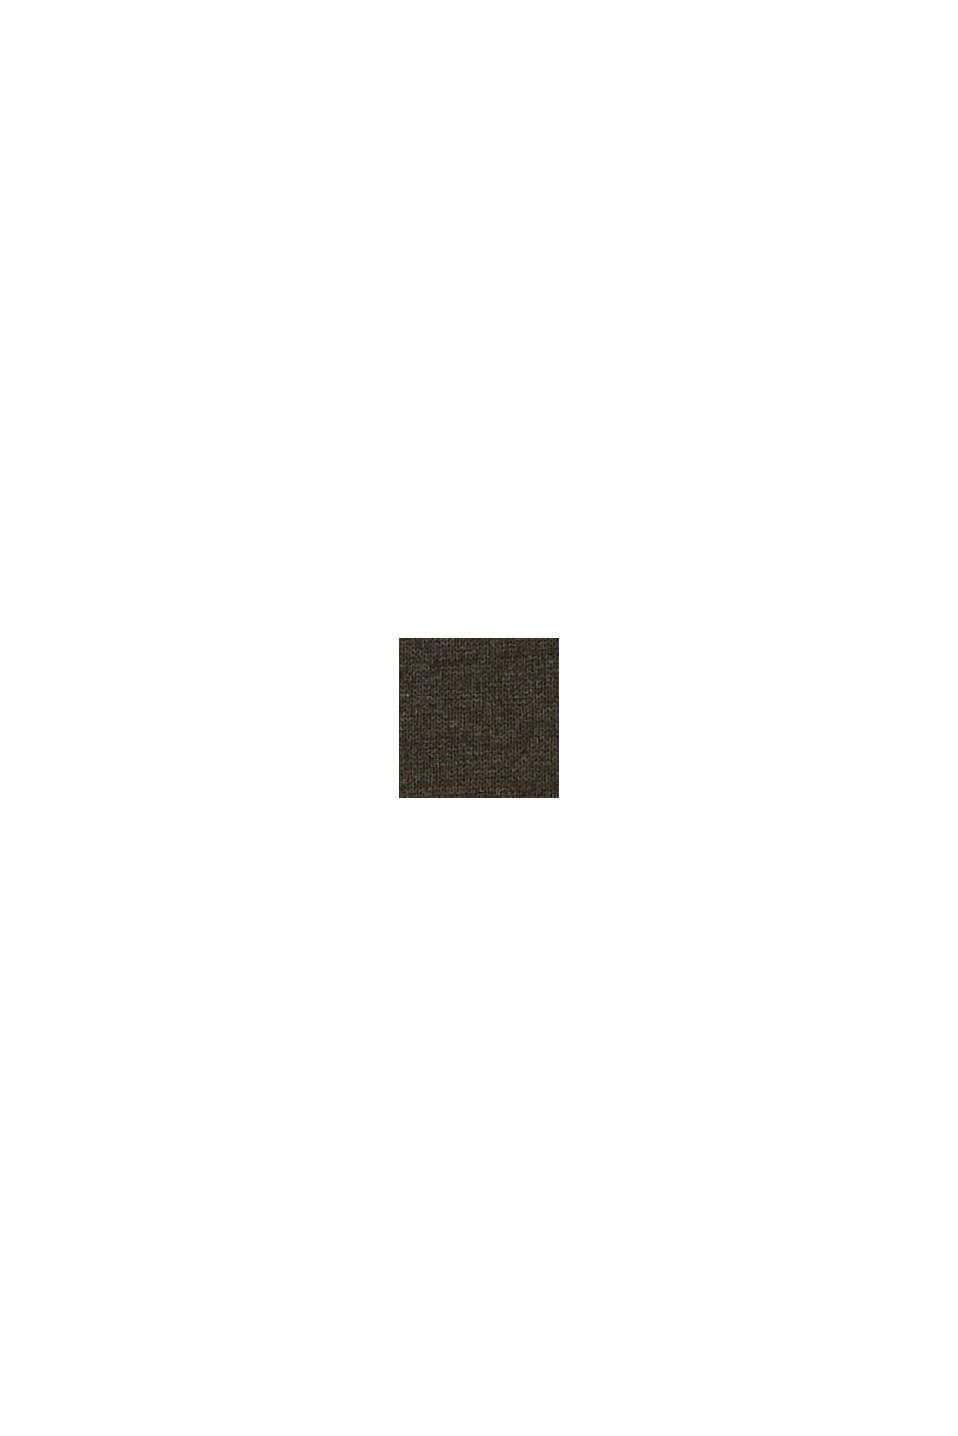 Fijngebreide trui van 100% pima katoen, DARK KHAKI, swatch